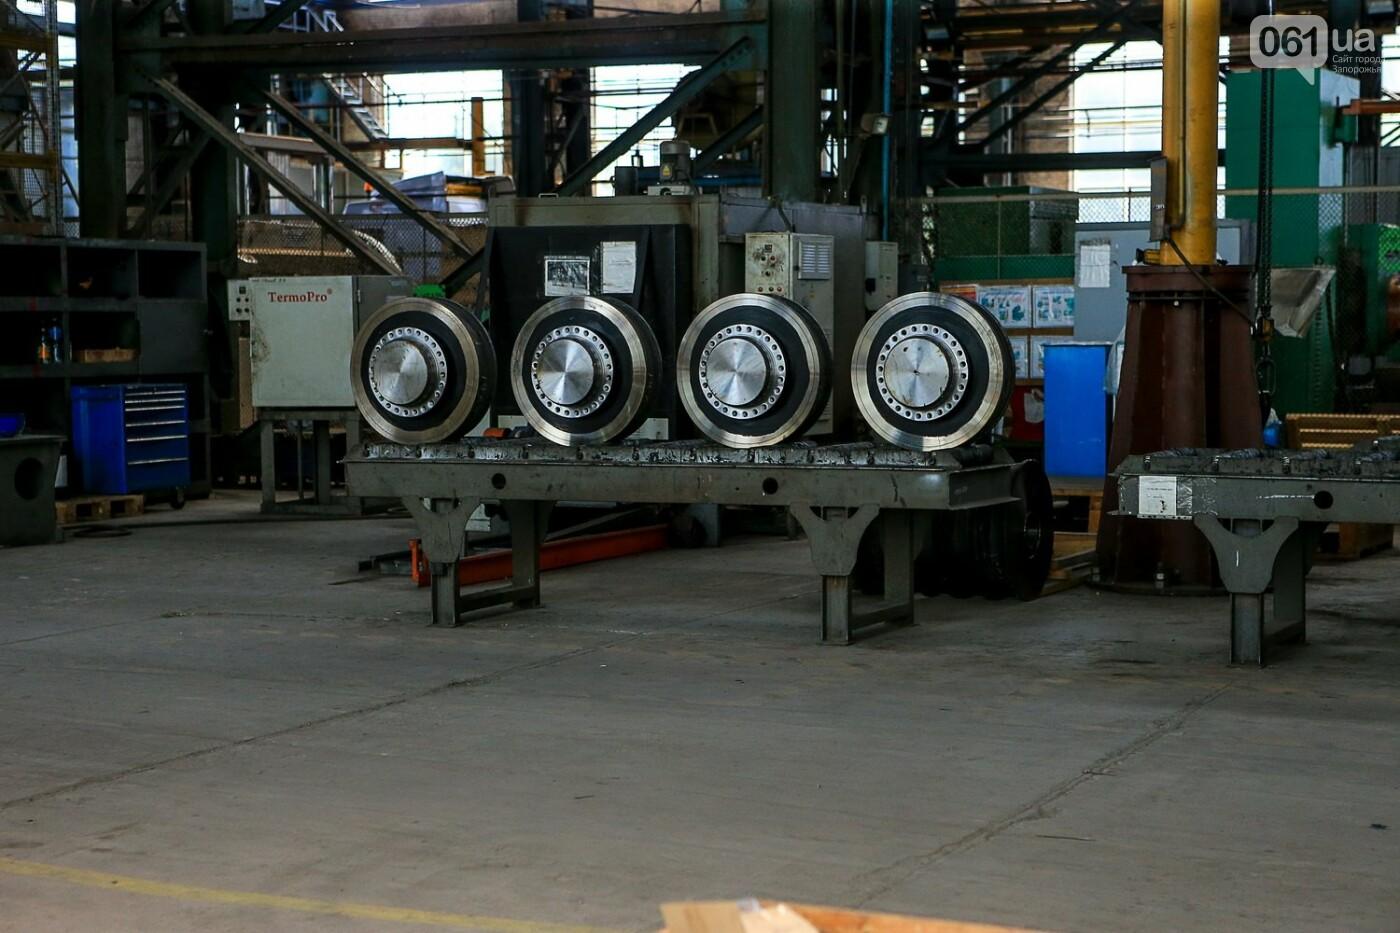 Как в Запорожье работает крупнейший в Европе завод по производству кранов: экскурсия на производство, — ФОТОРЕПОРТАЖ, фото-34